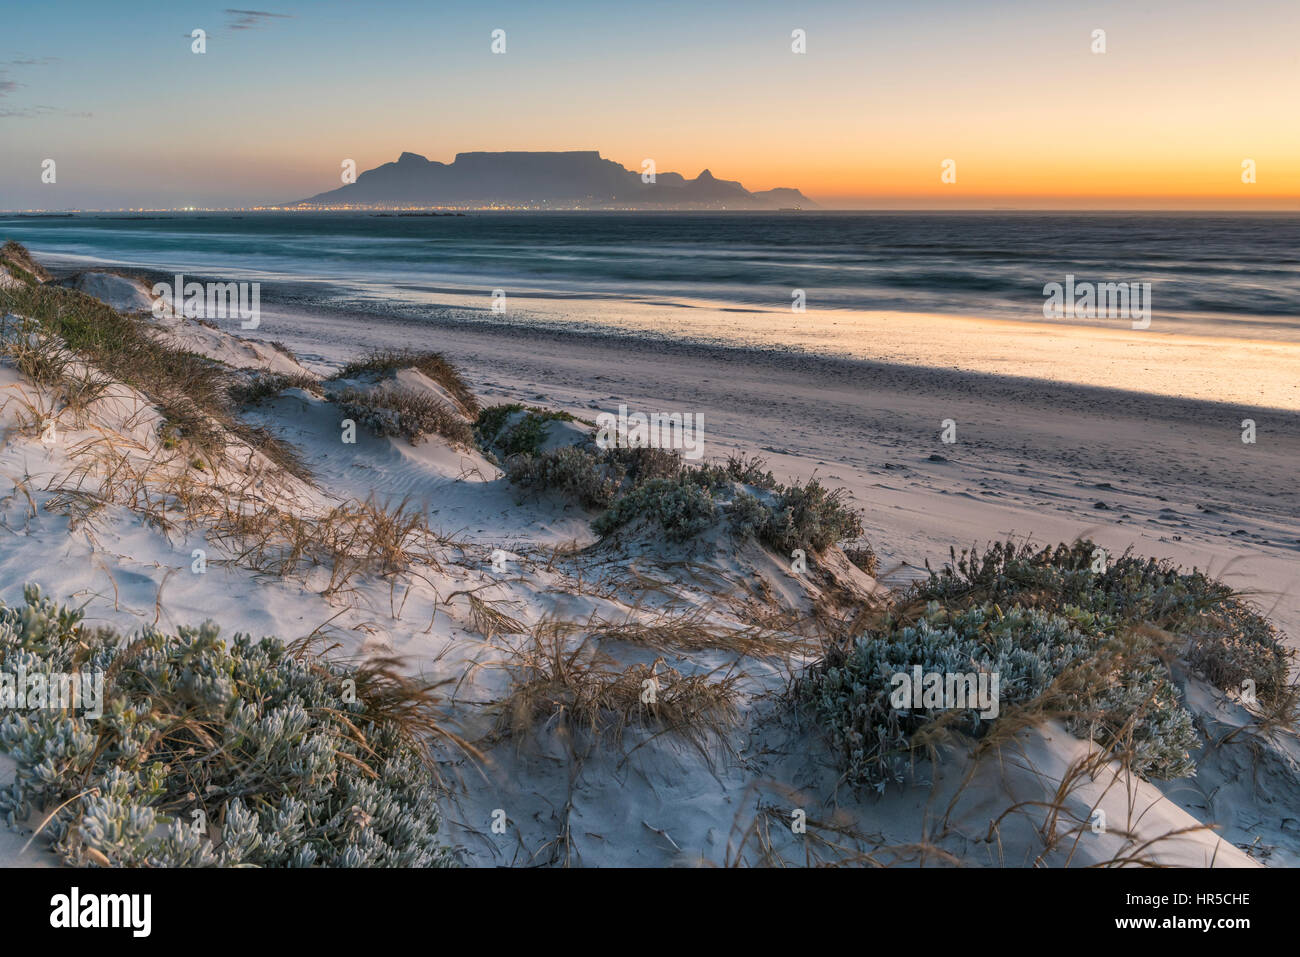 Vista della Table Mountain al tramonto dalla grande baia, Bloubergstrand, Cape Town, Sud Africa Immagini Stock